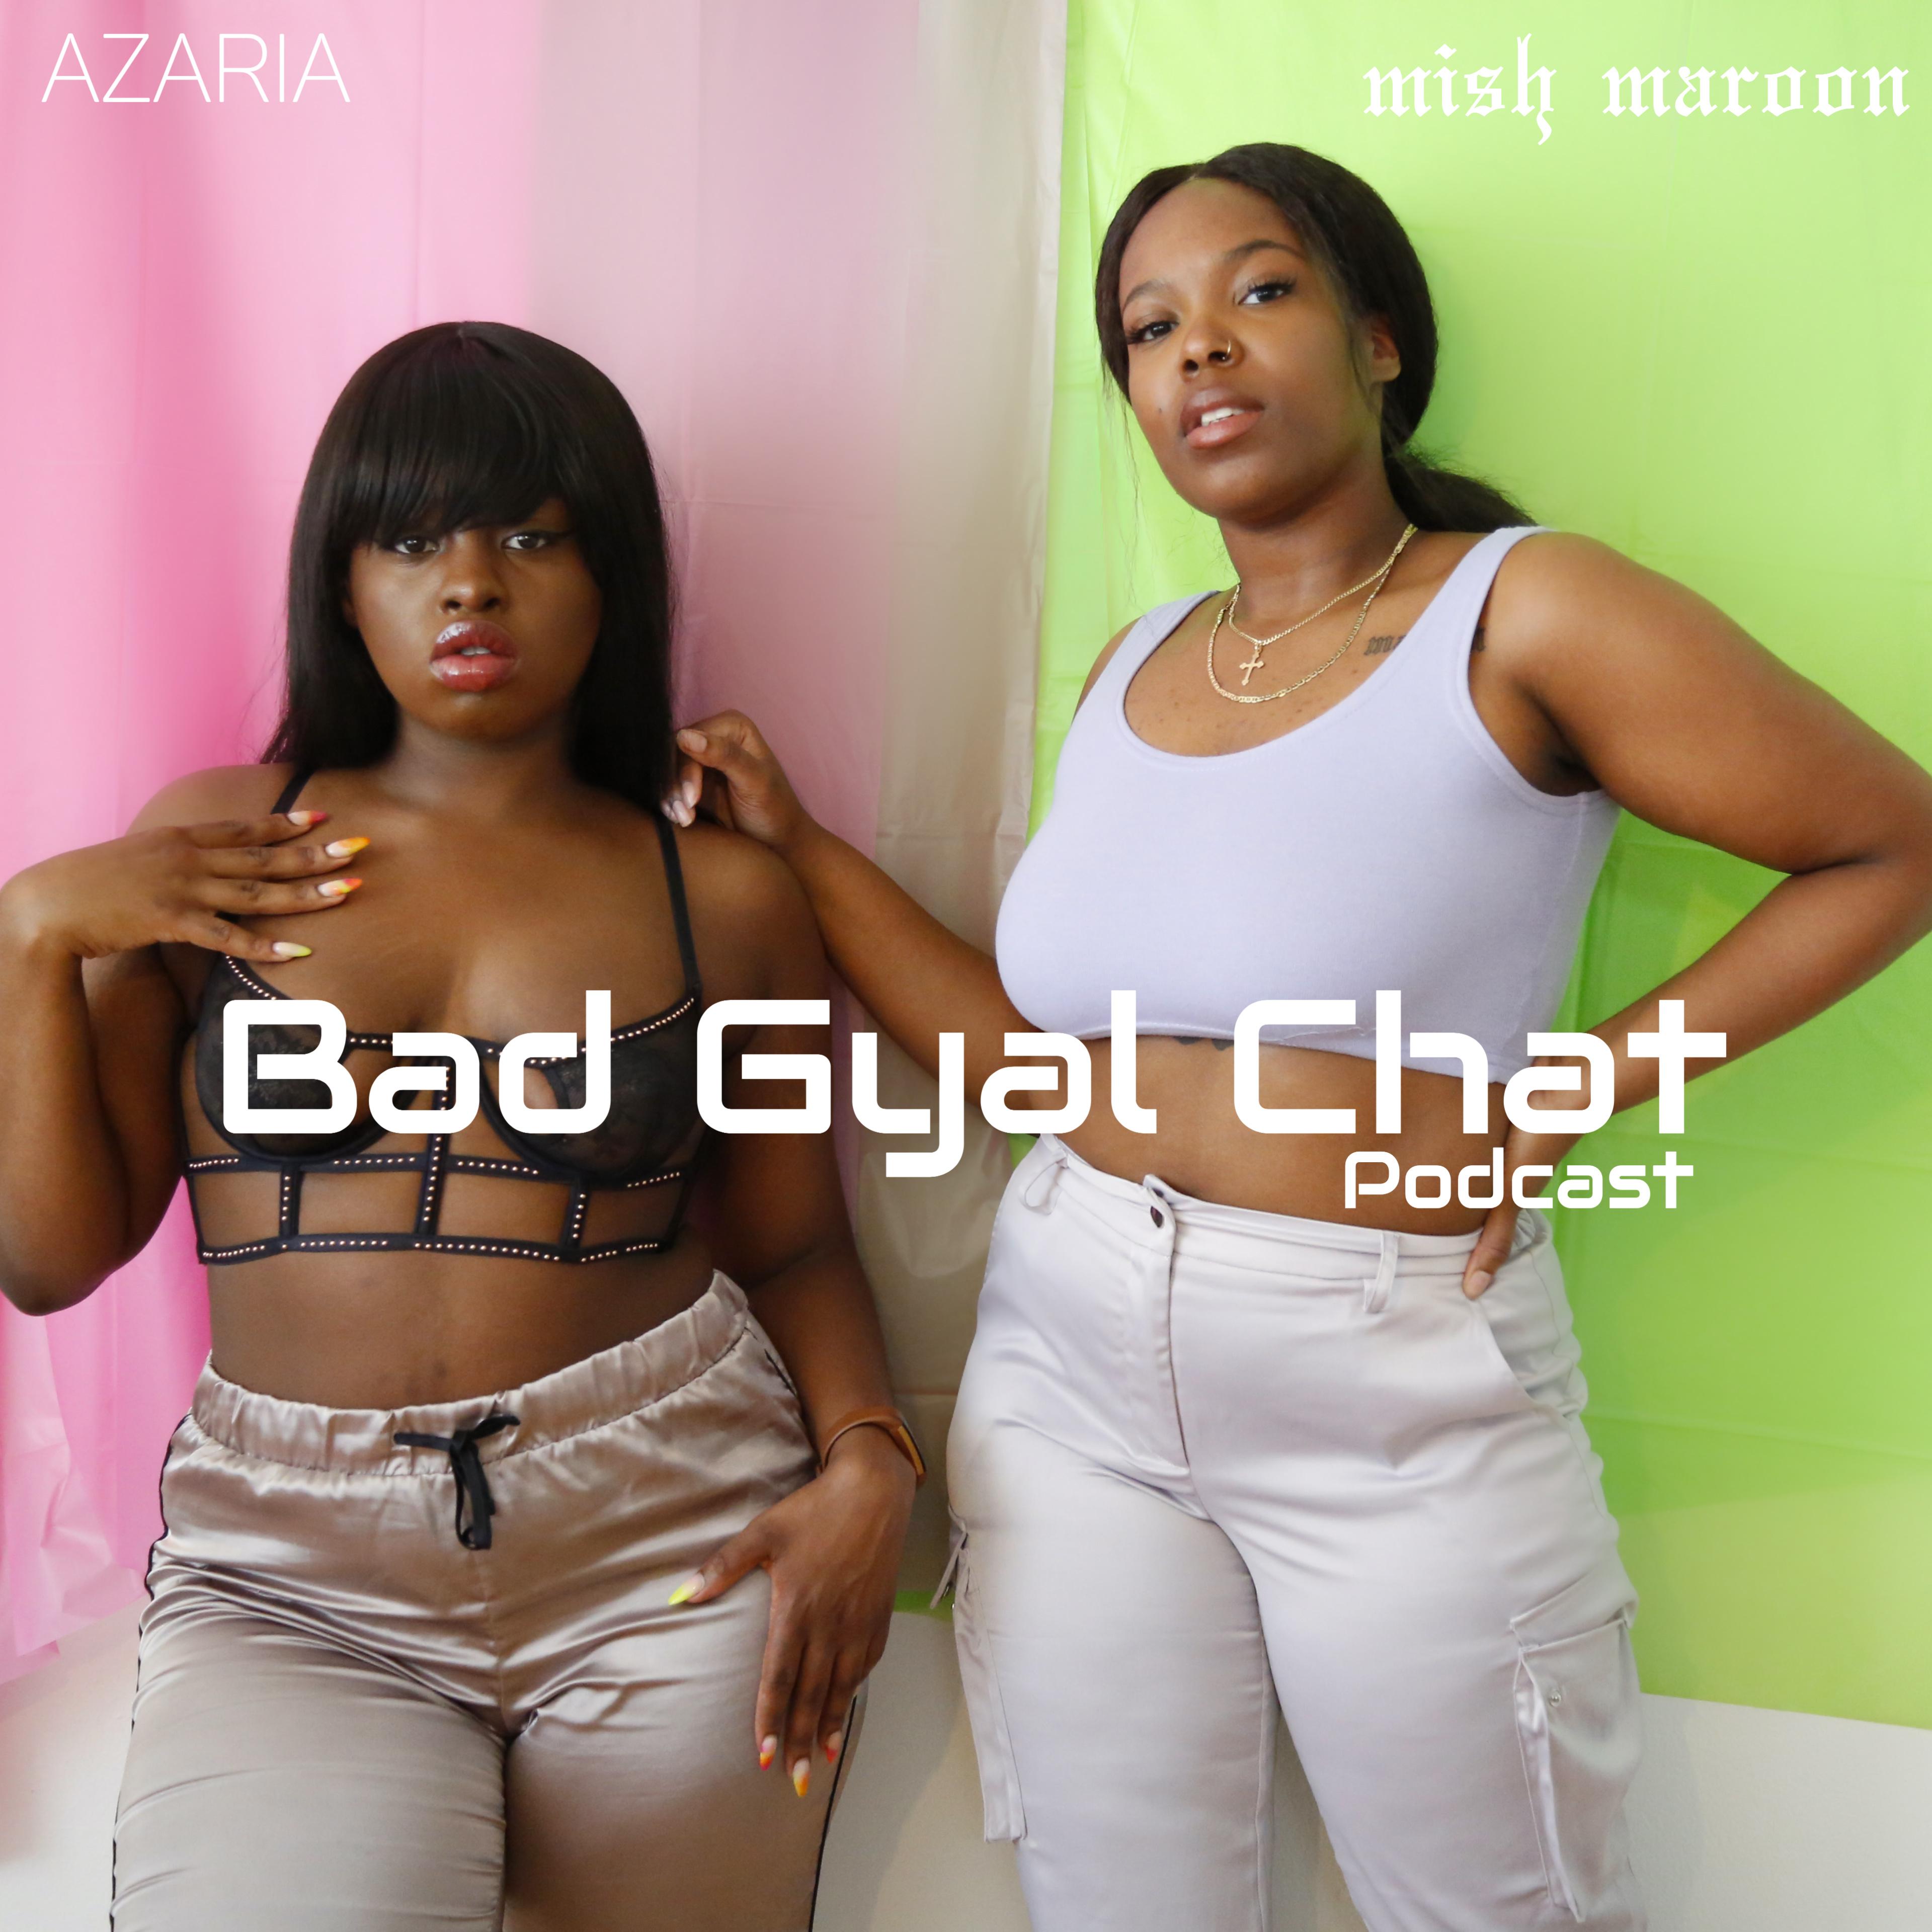 Bad Gyal Chat